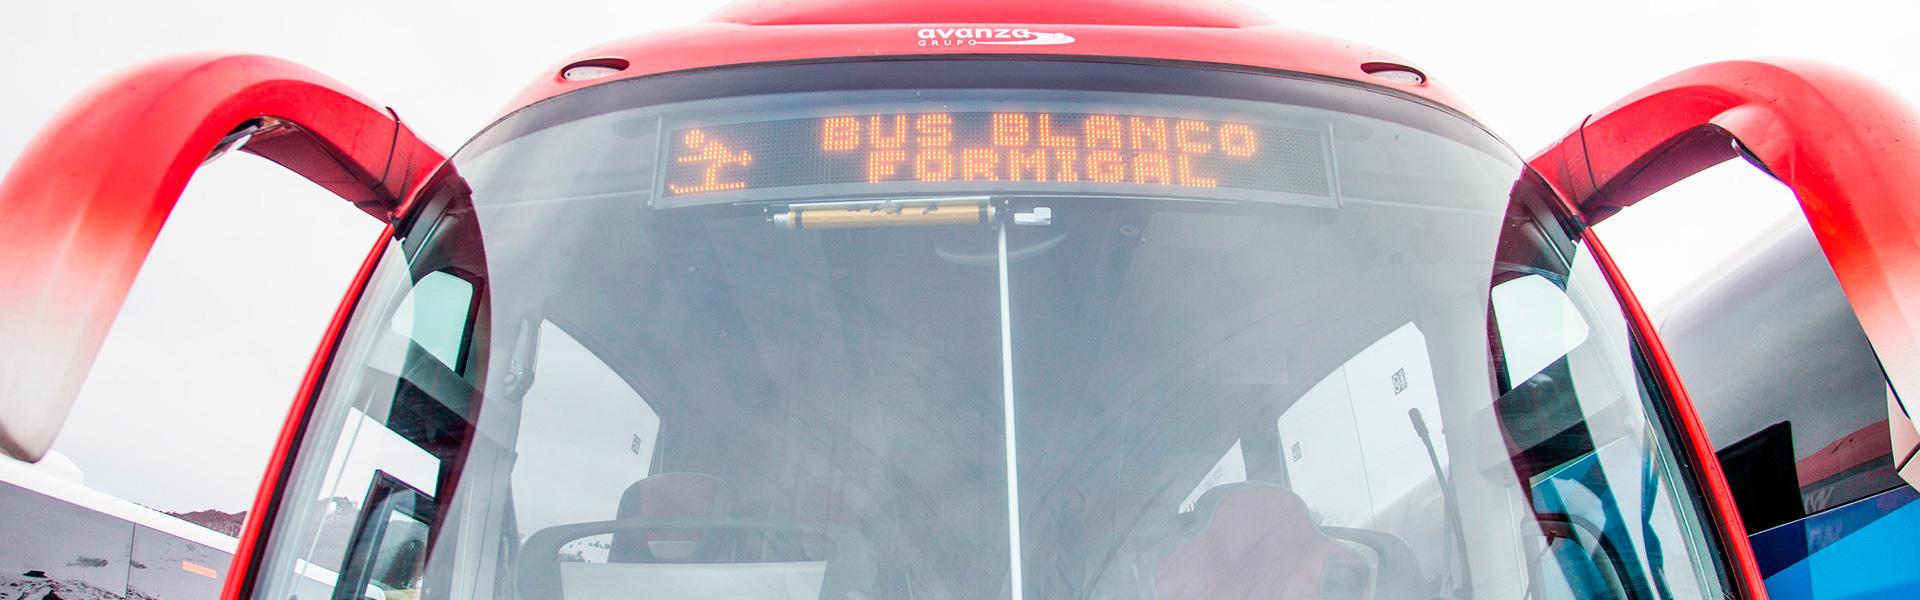 bus blanco Avanza